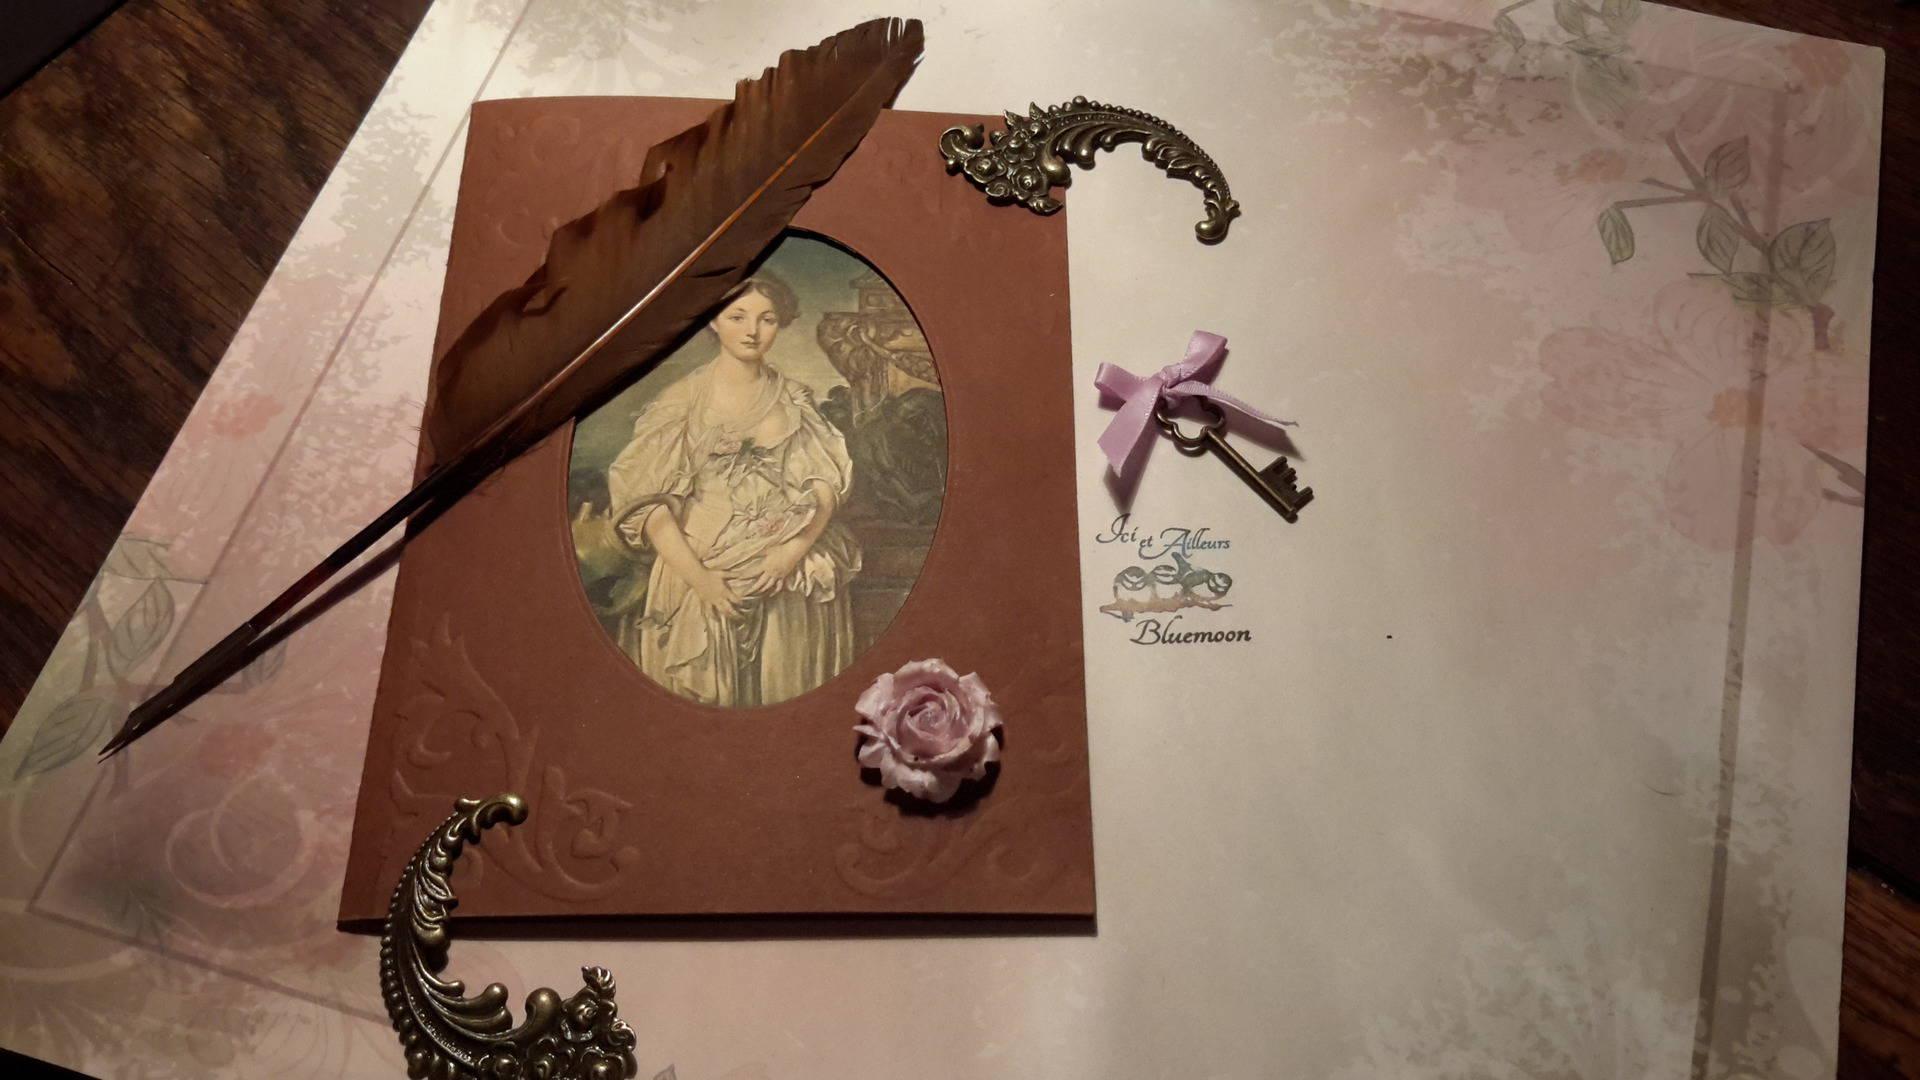 EXEMPLAIRE UNIQUE》Carte double, enveloppe, carte véritable 19 ème,  jeune femme,  vintage,  tableau Musée de Louvre, carte italienne